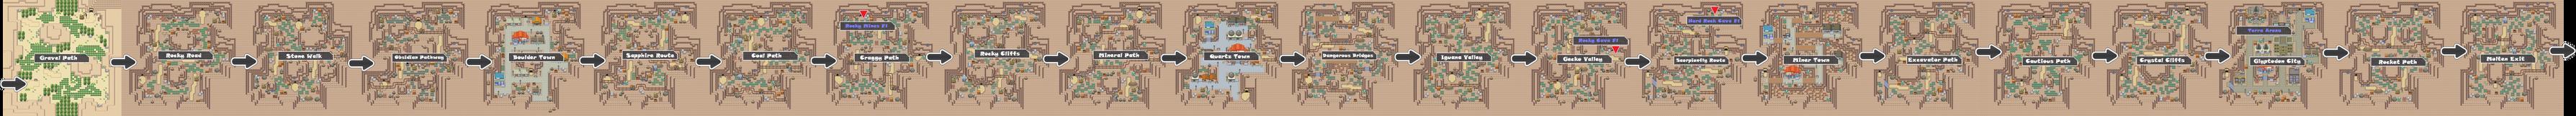 Pokemon Like Monster MMORPG V2 Zone 8 World Map